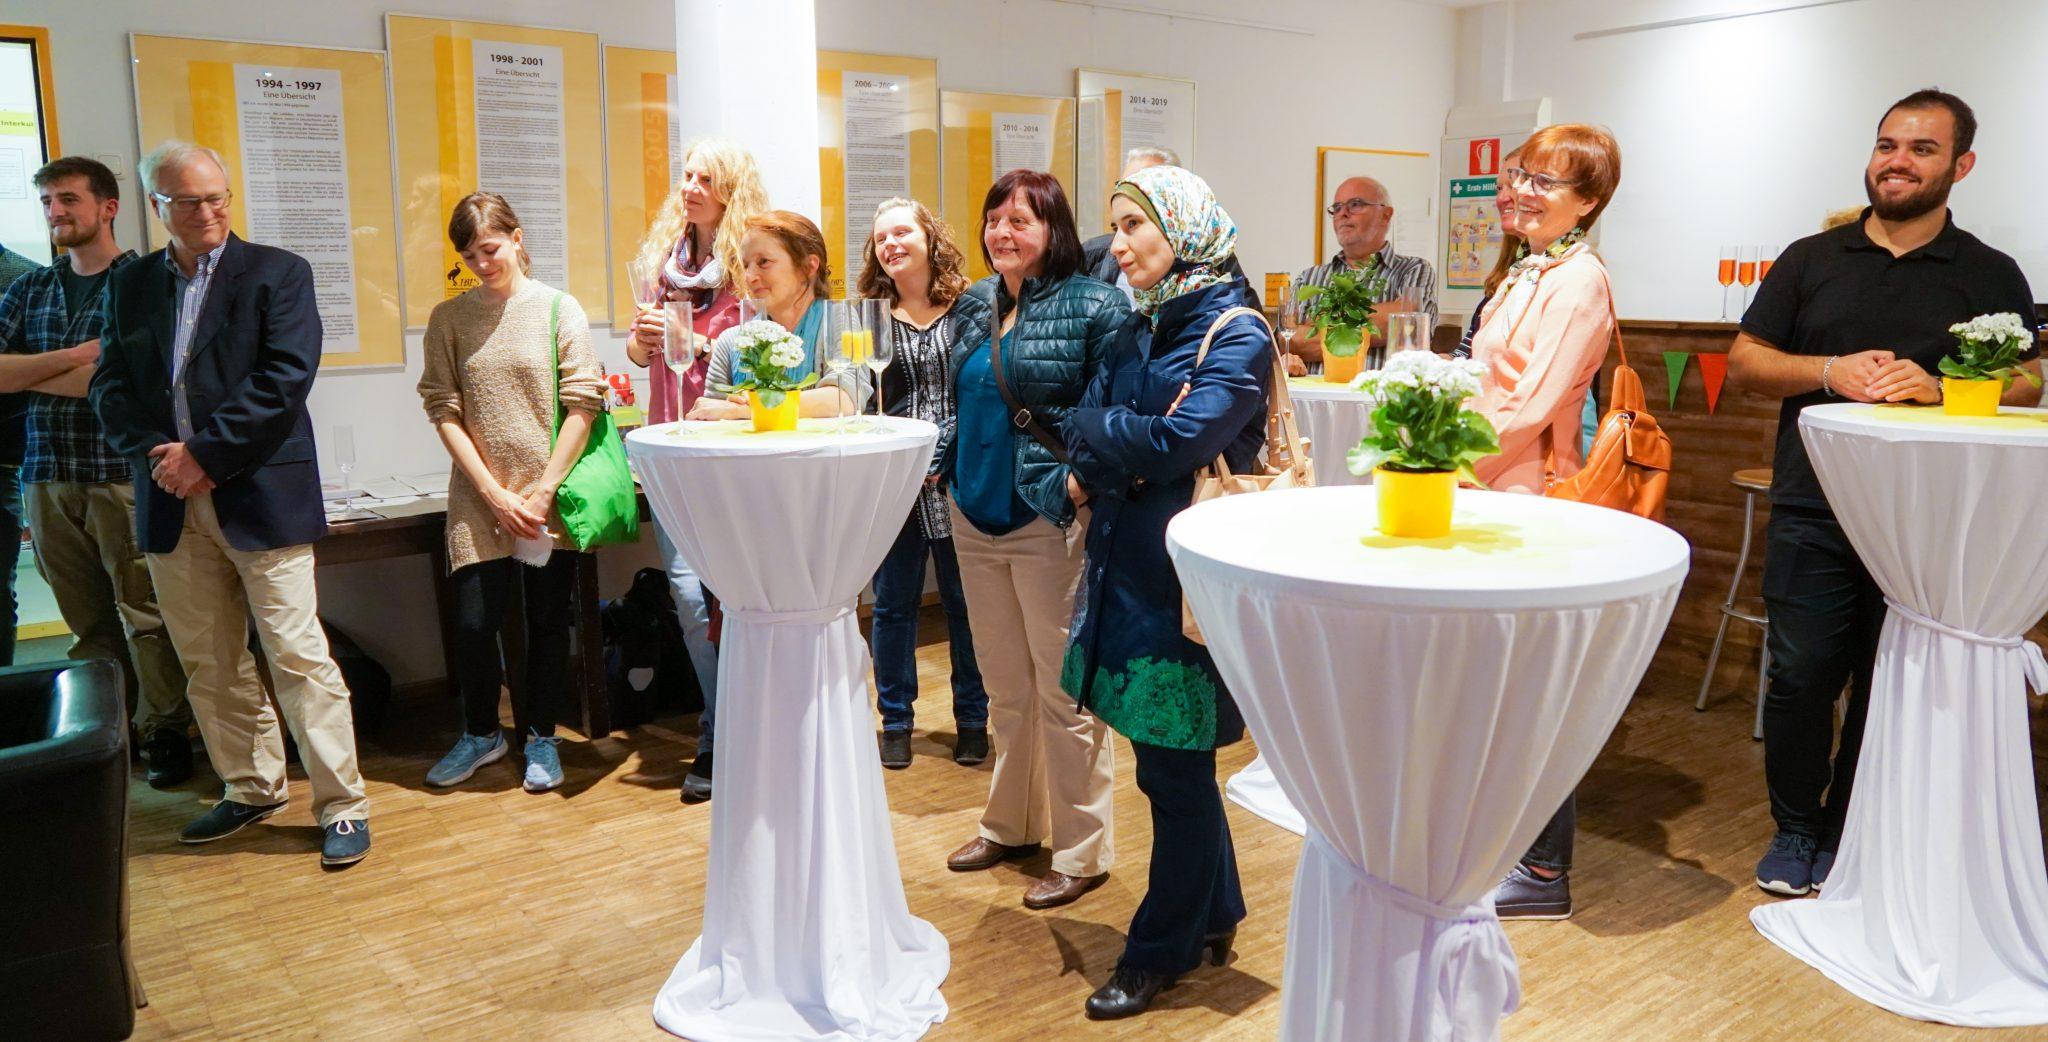 Mittwoch Ehrenamtsfest Ikw 2 Publikum